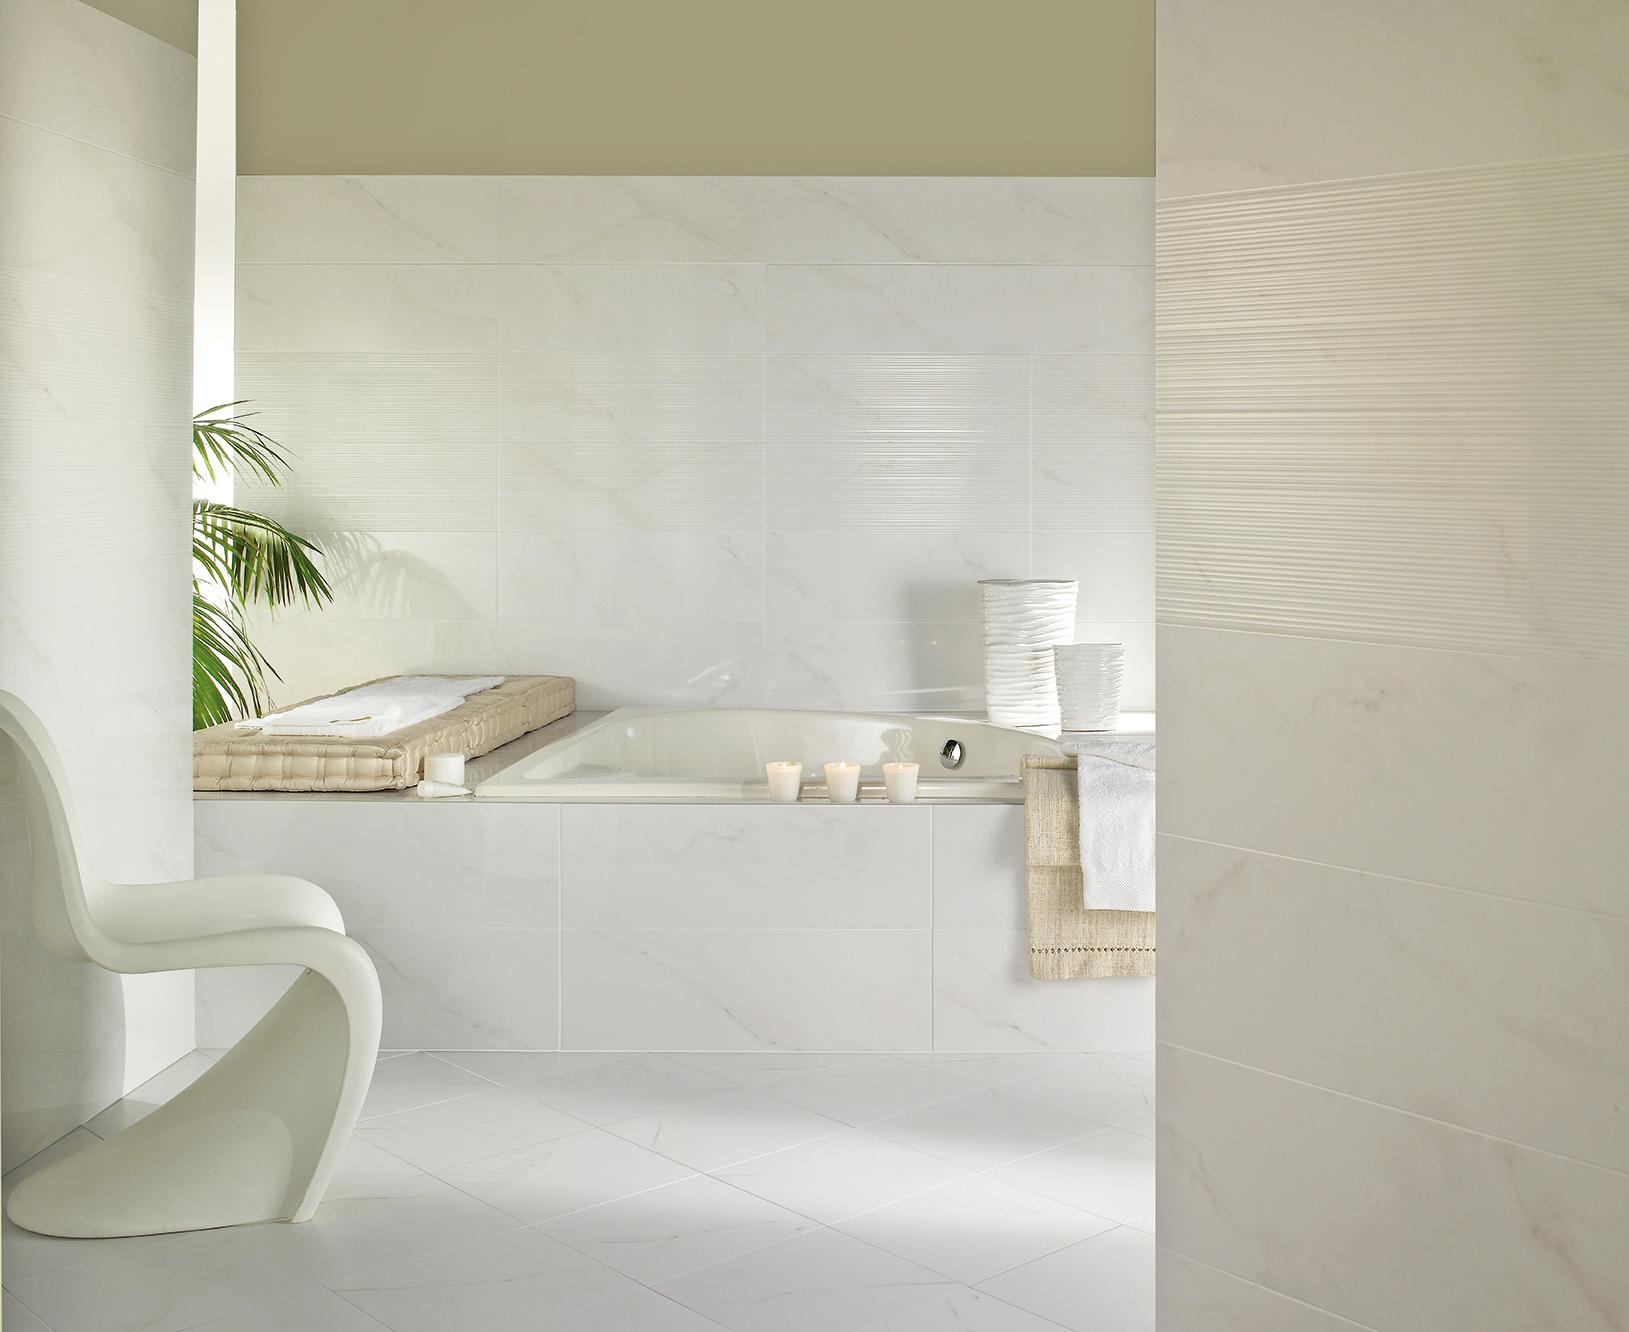 Piastrelle bagno con greca. amazing piastrelle bagno firenze in